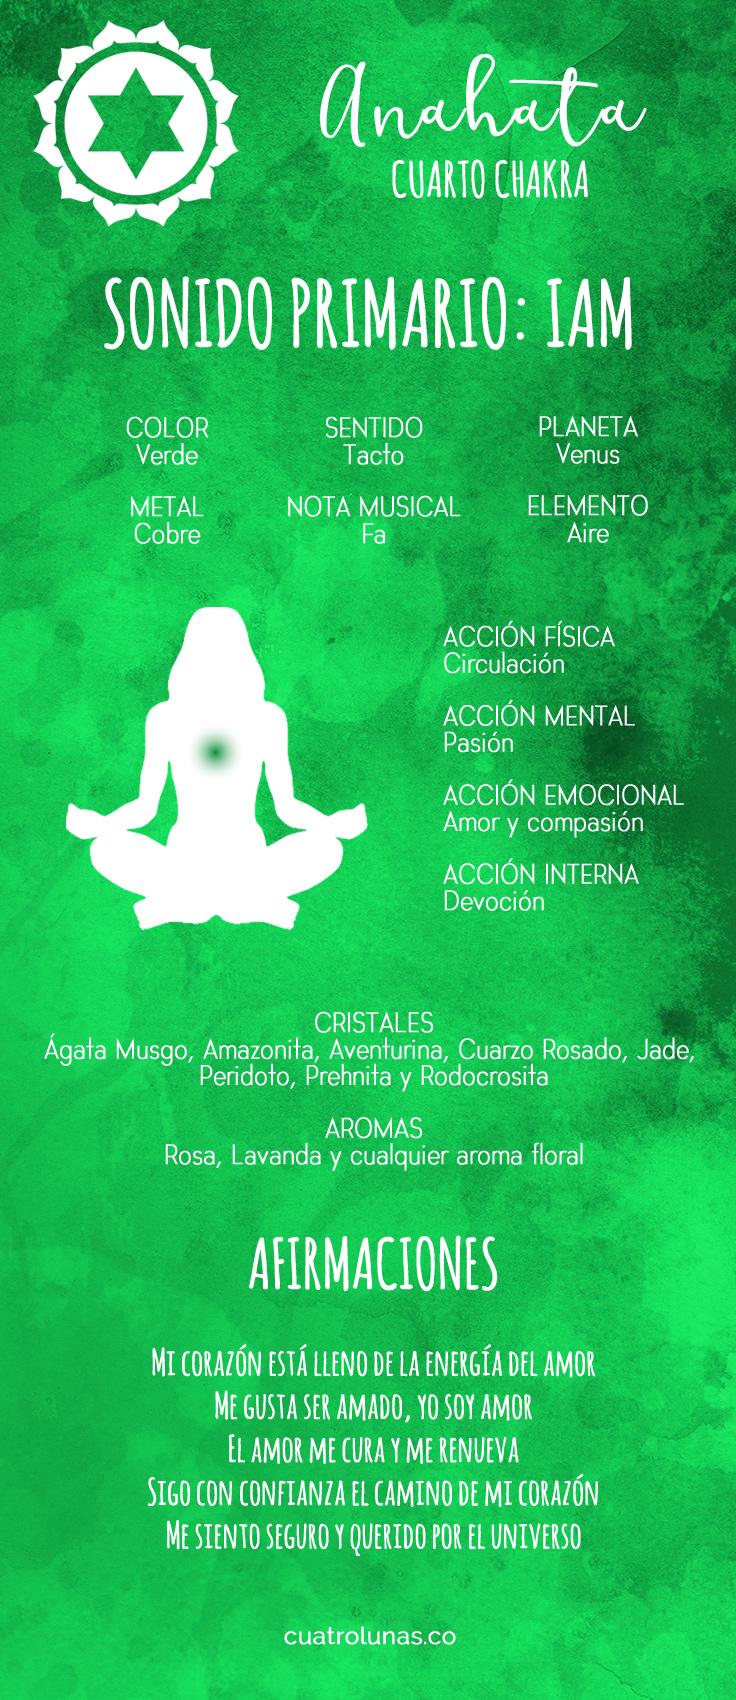 Cómo armonizar el cuarto chakra – Anahata | Cuatro Lunas